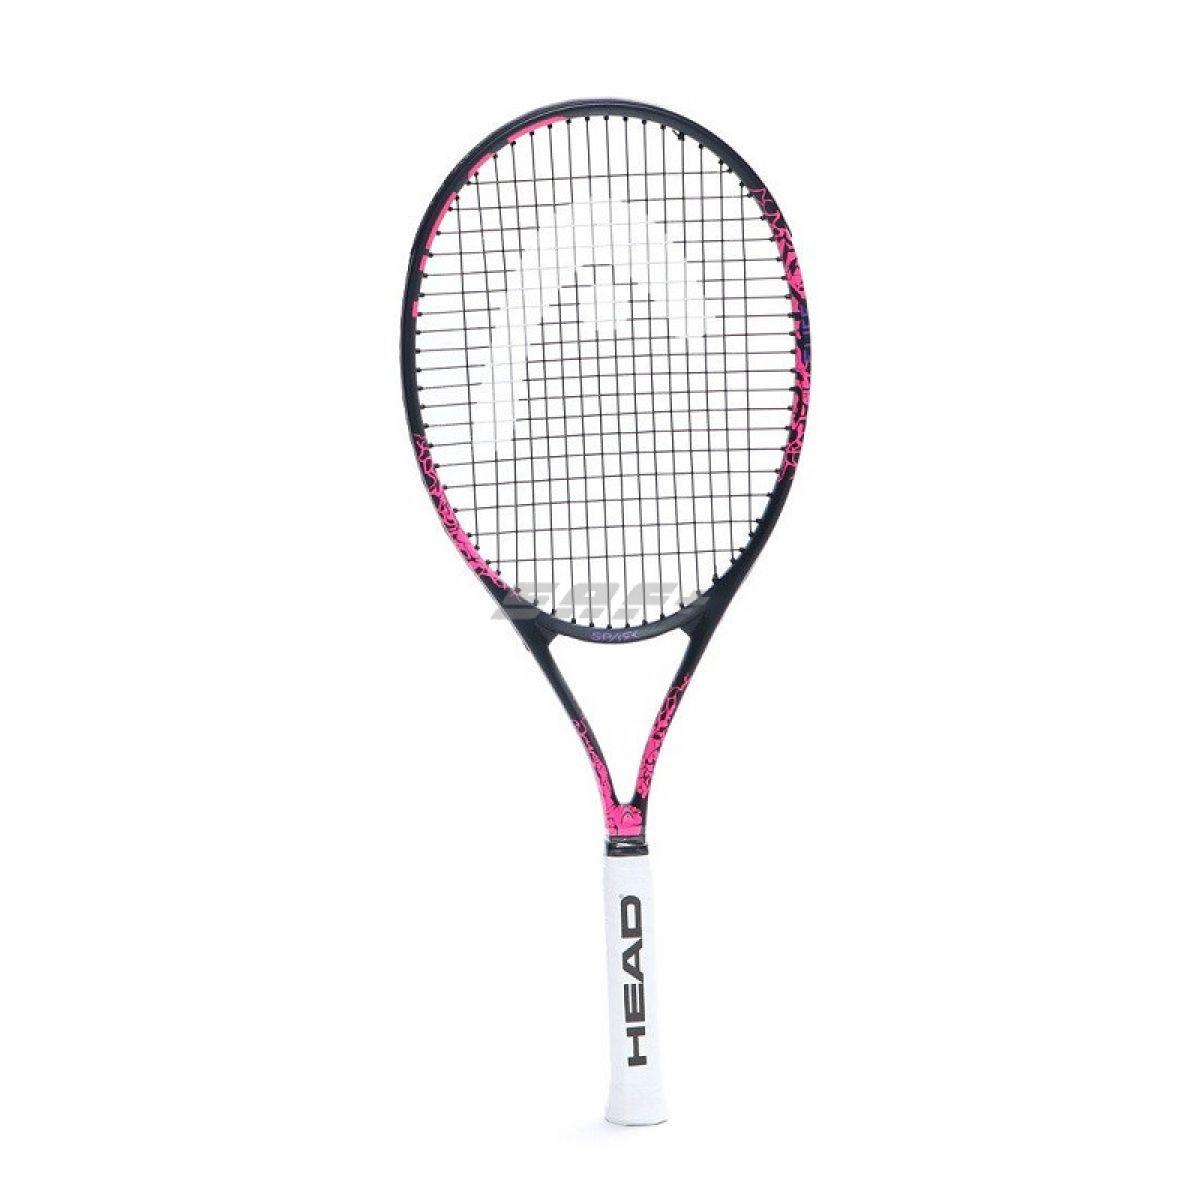 Ракетка теннисная Ракетка б/т HEAD MX Spark Elite Gr3, арт.233340, для любителей, композит,со струнами,черно-розовый